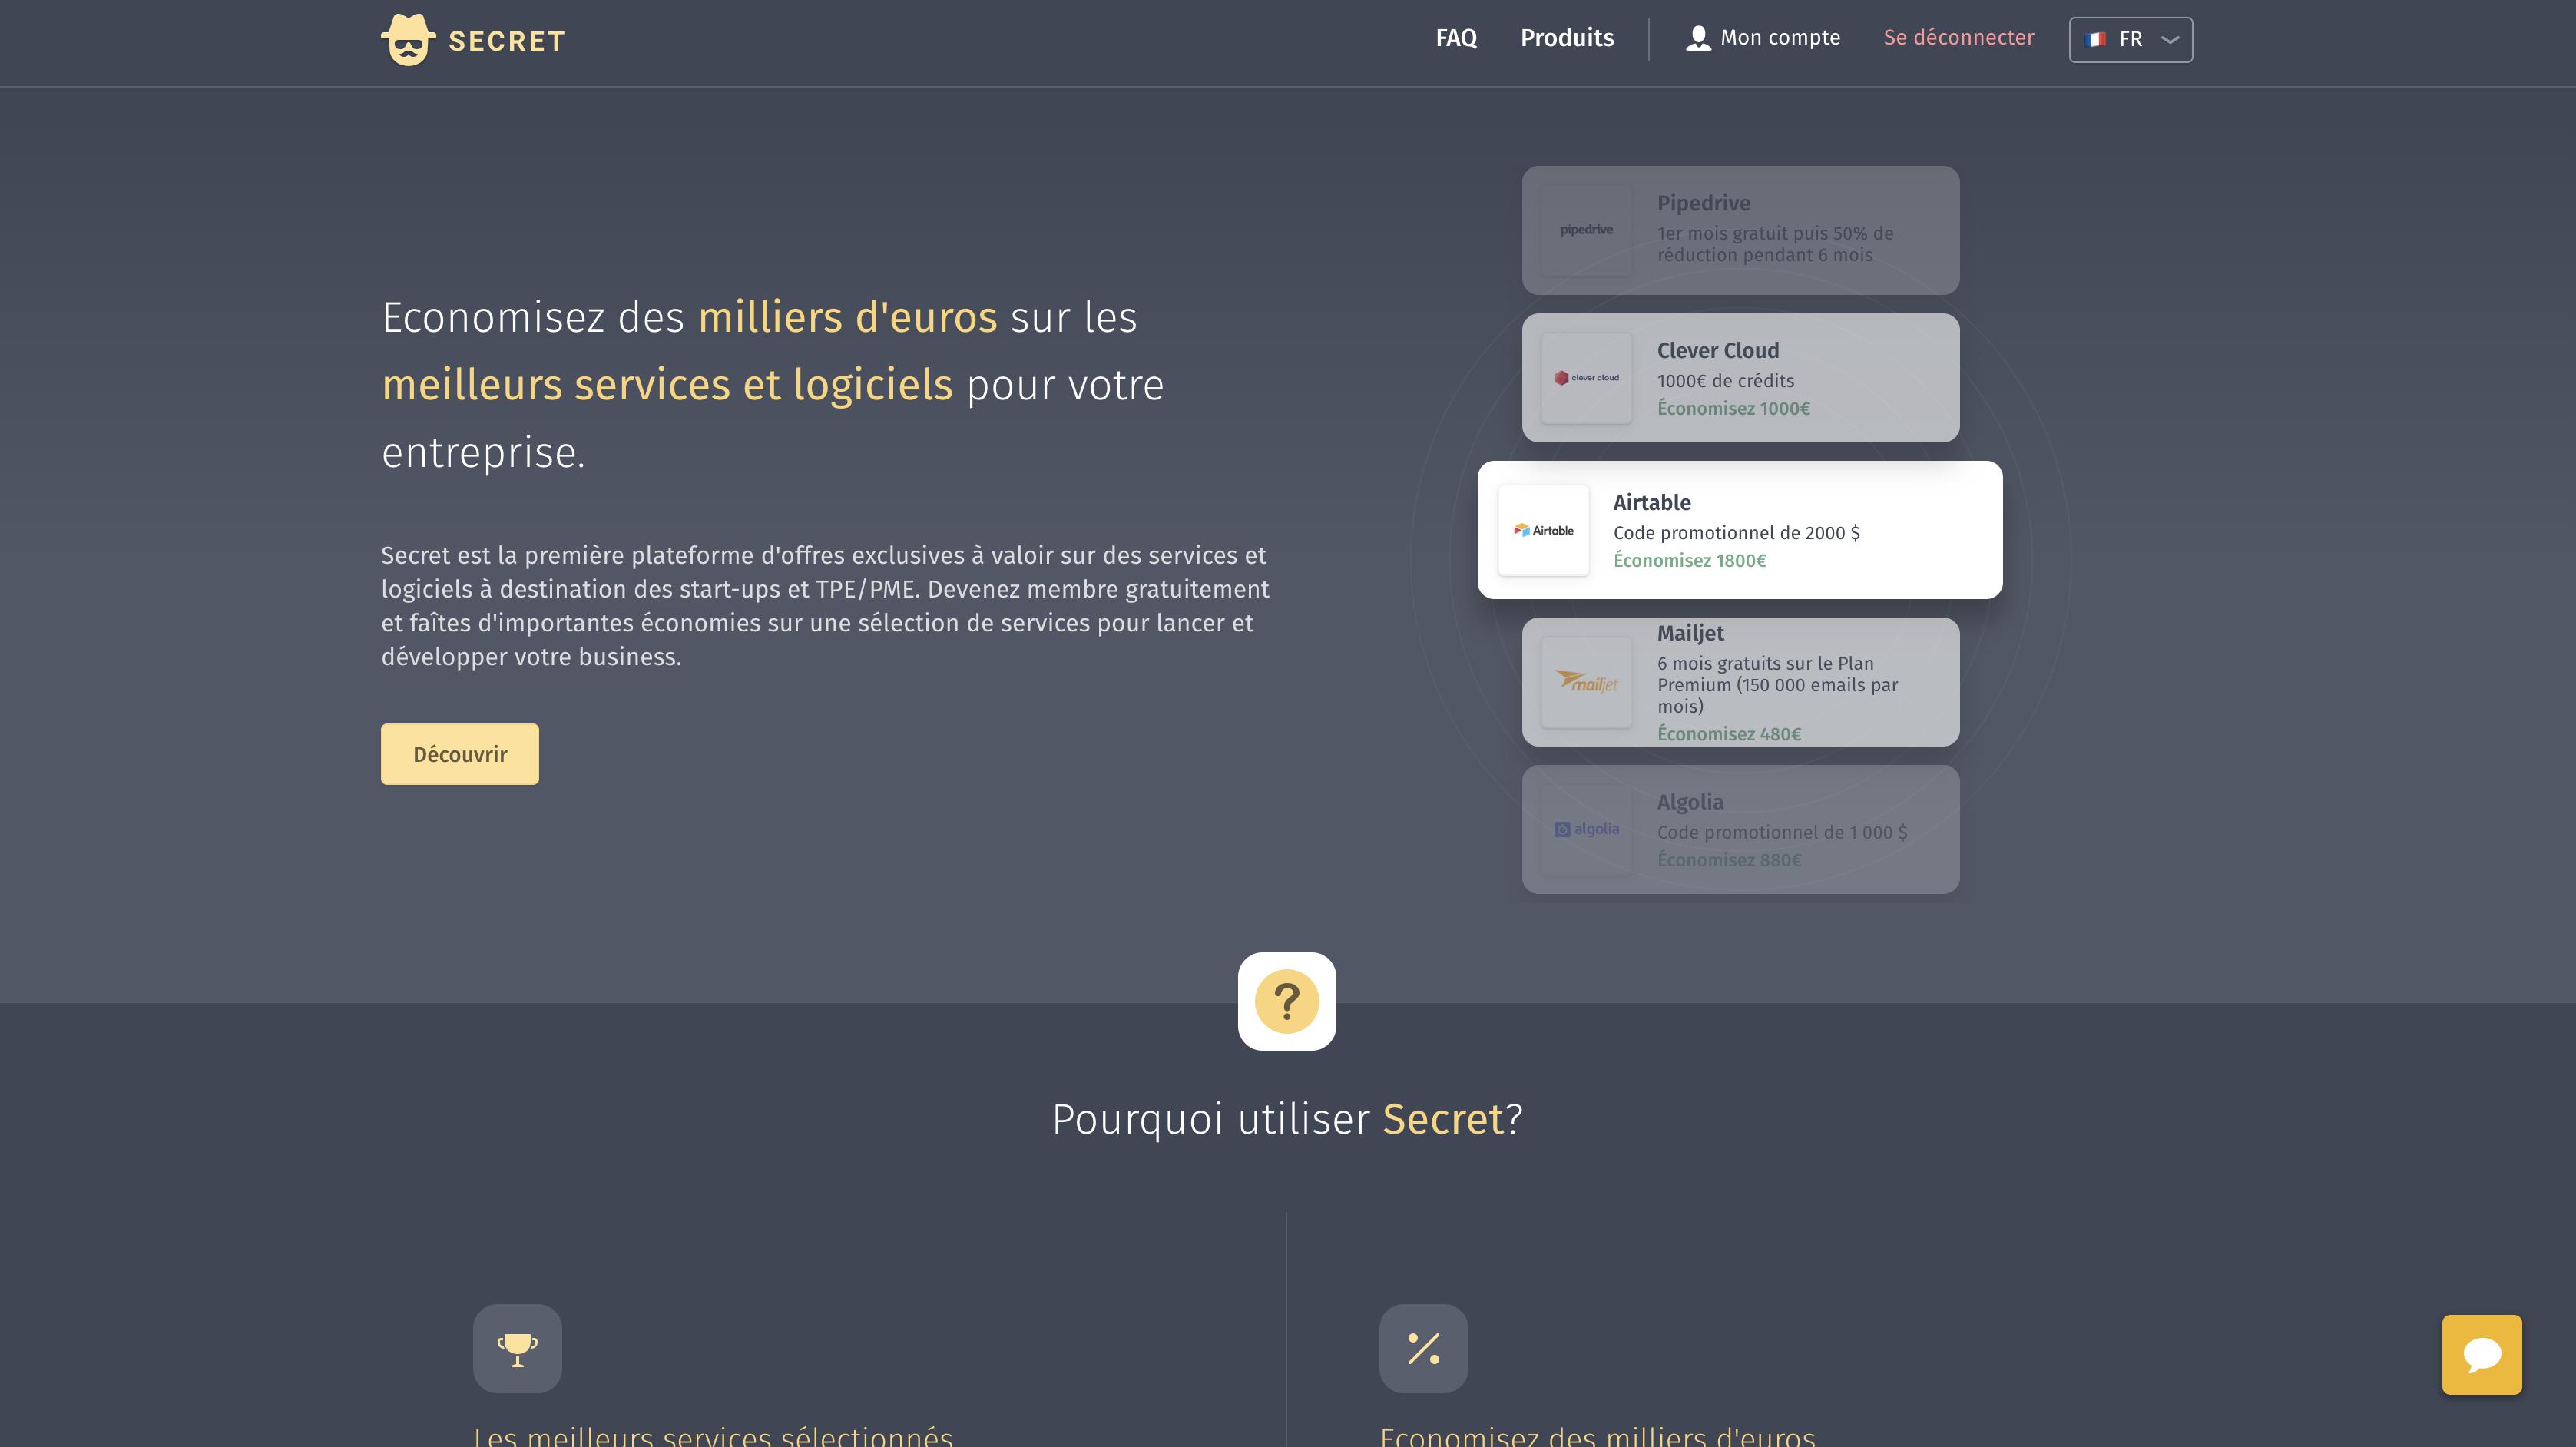 image Secret offre gratuitement des milliers d'euros d'économies sur les meilleurs logiciels